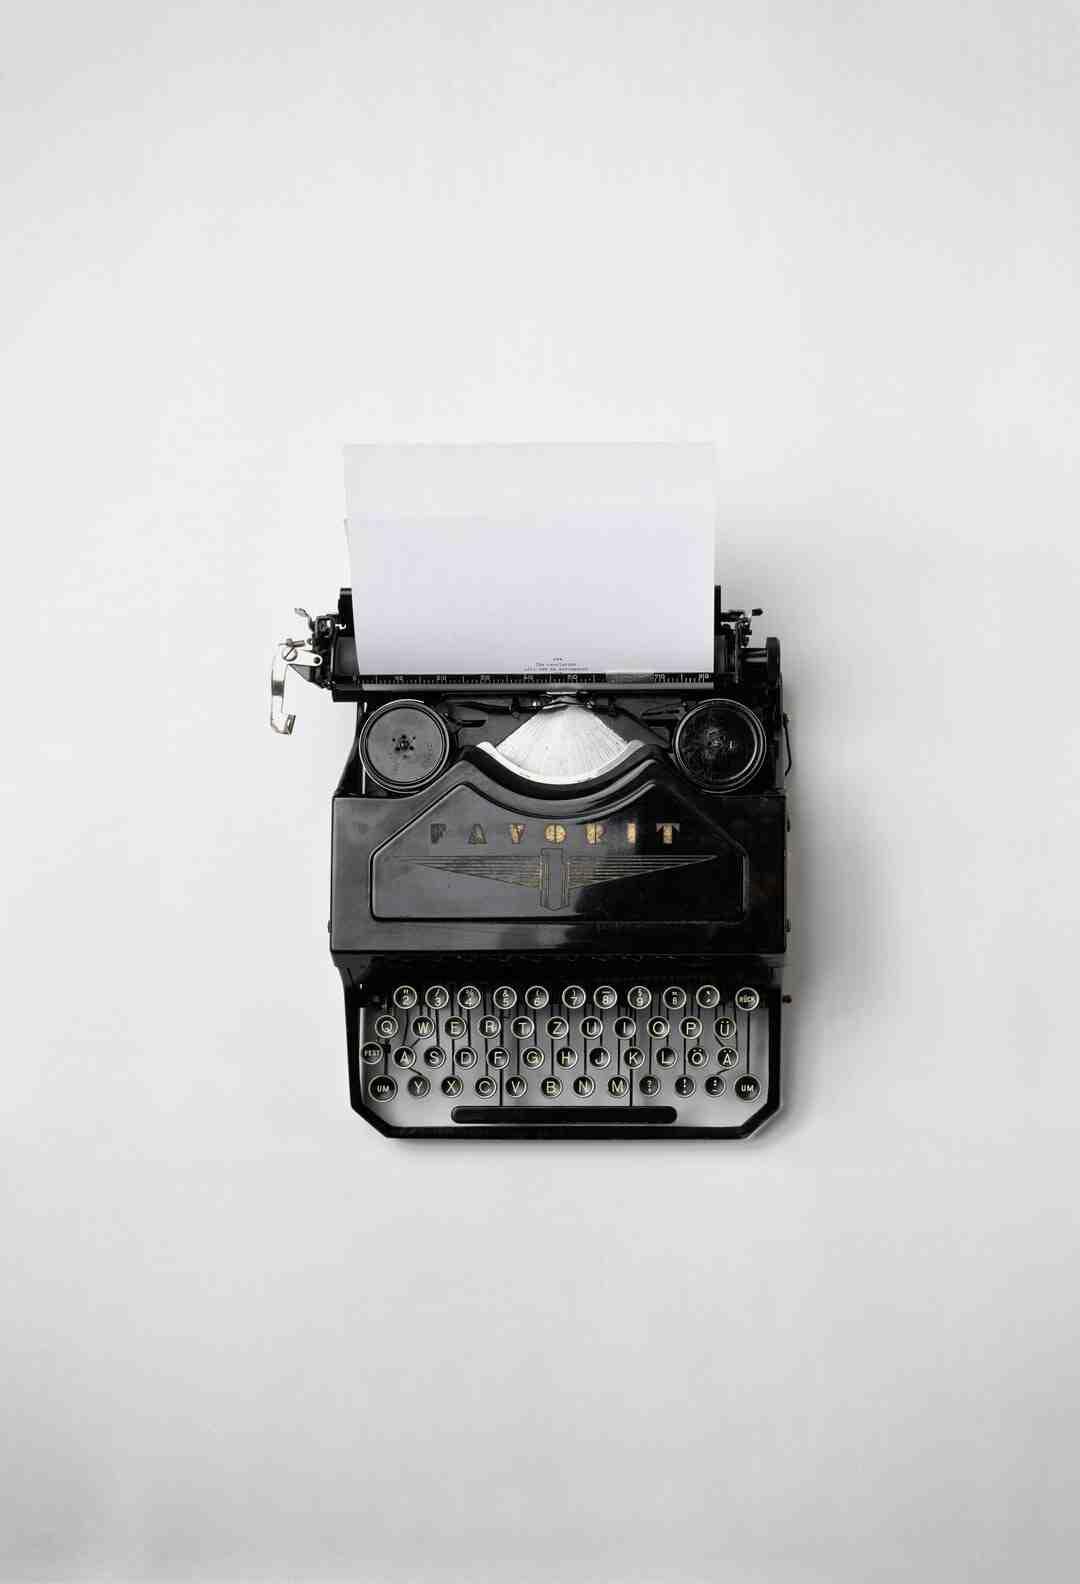 Comment faire blog wordpress